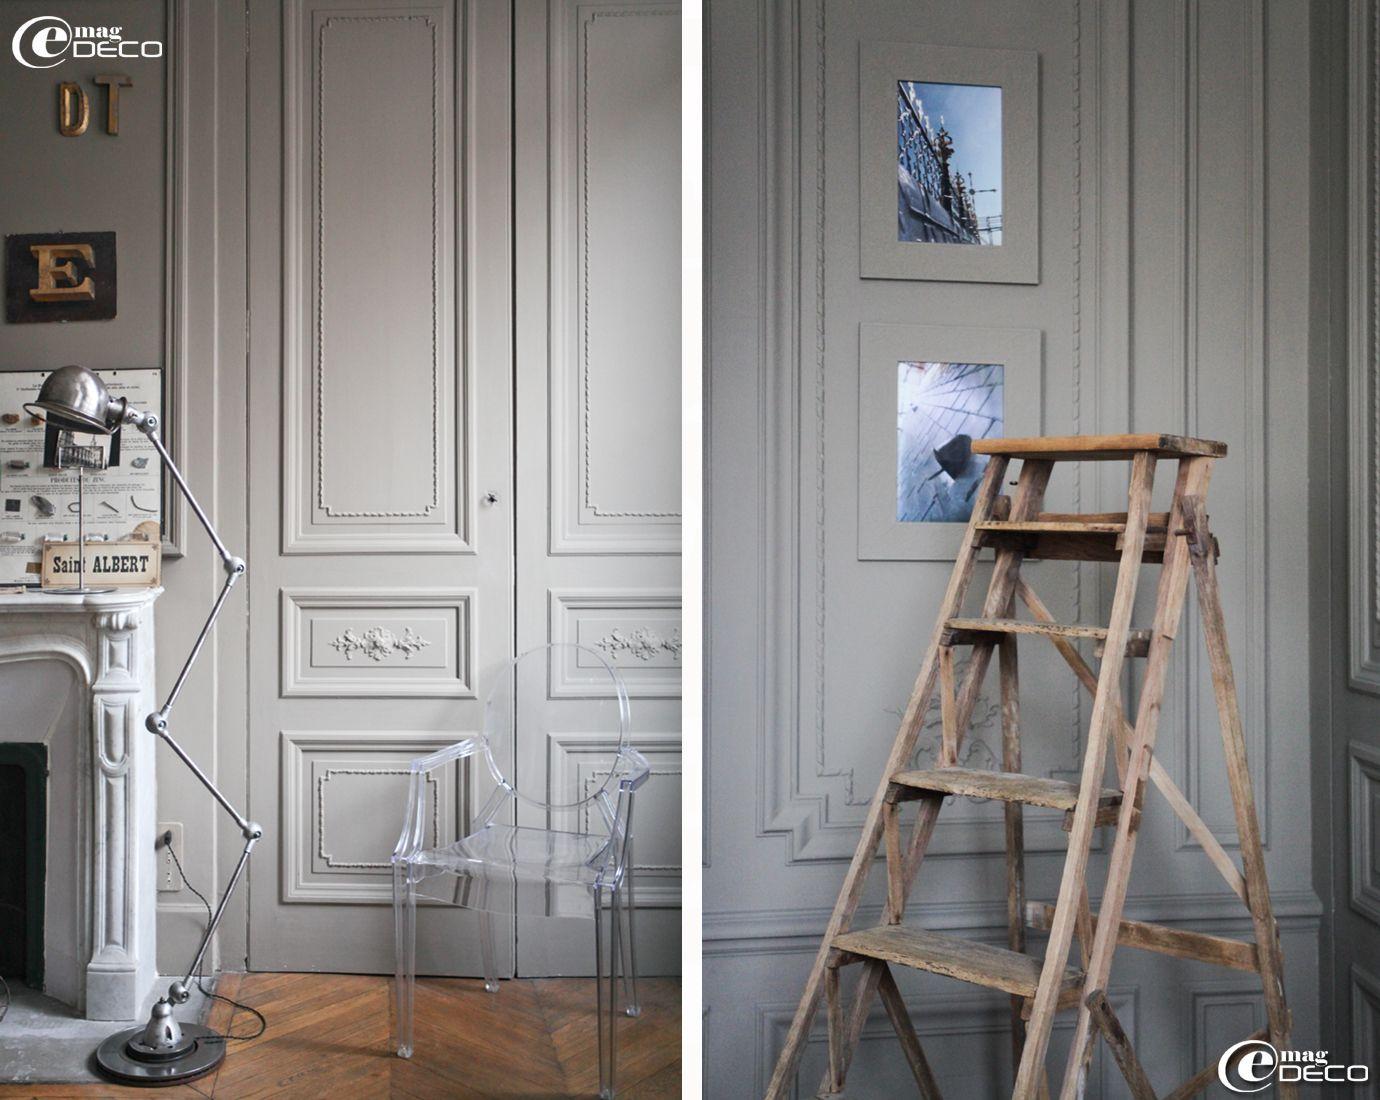 Lampe Jield Chaise Louis Ghost Et Escabeau Quipe Un Bureau Tr S